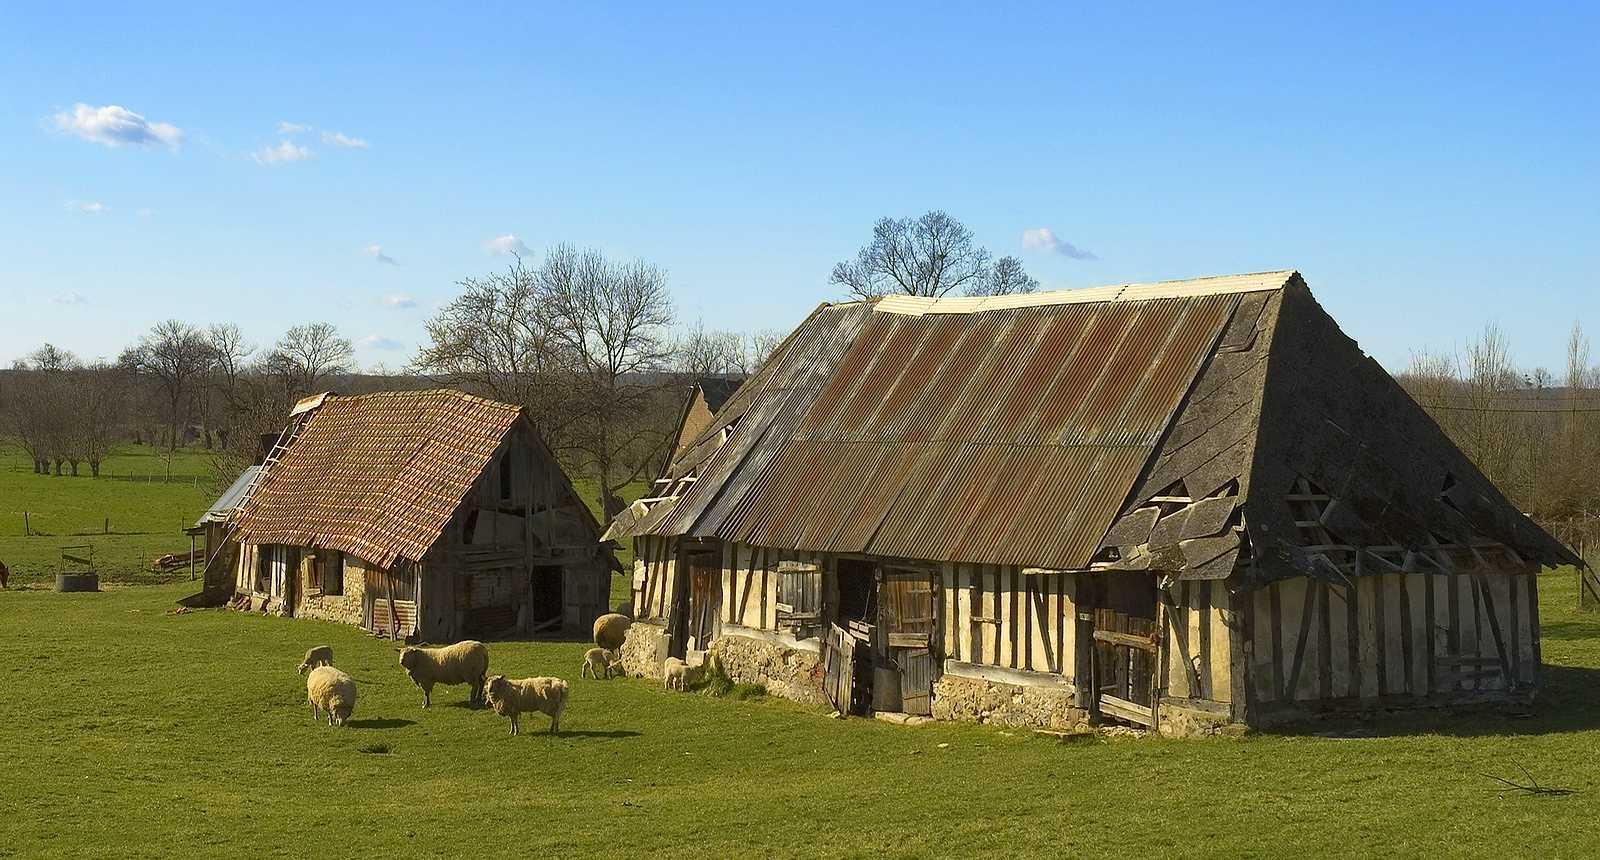 Ferme normande près de Caudebec-en-Caux